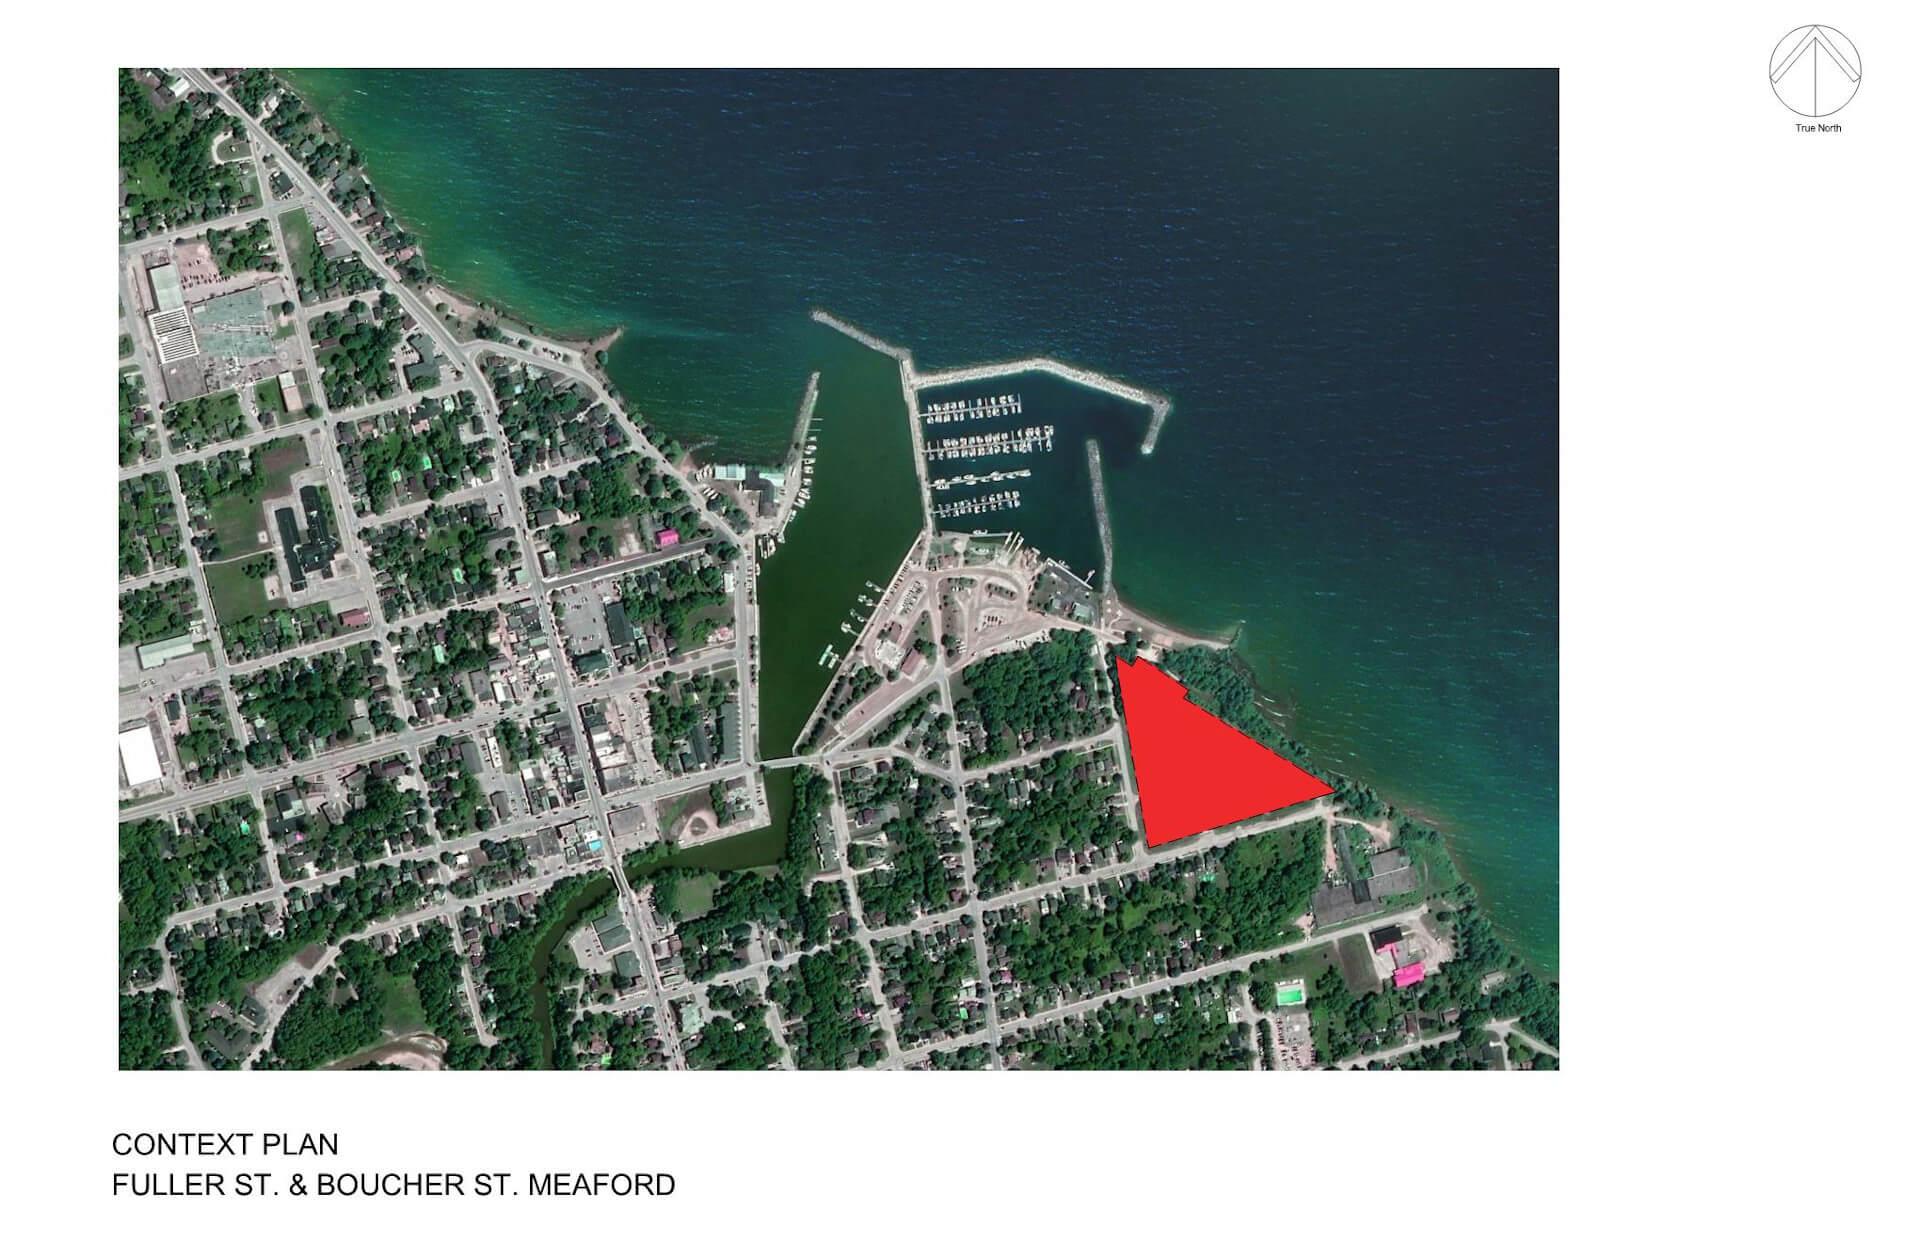 Context Plan, Fuller St. & Boucher St. Meaford